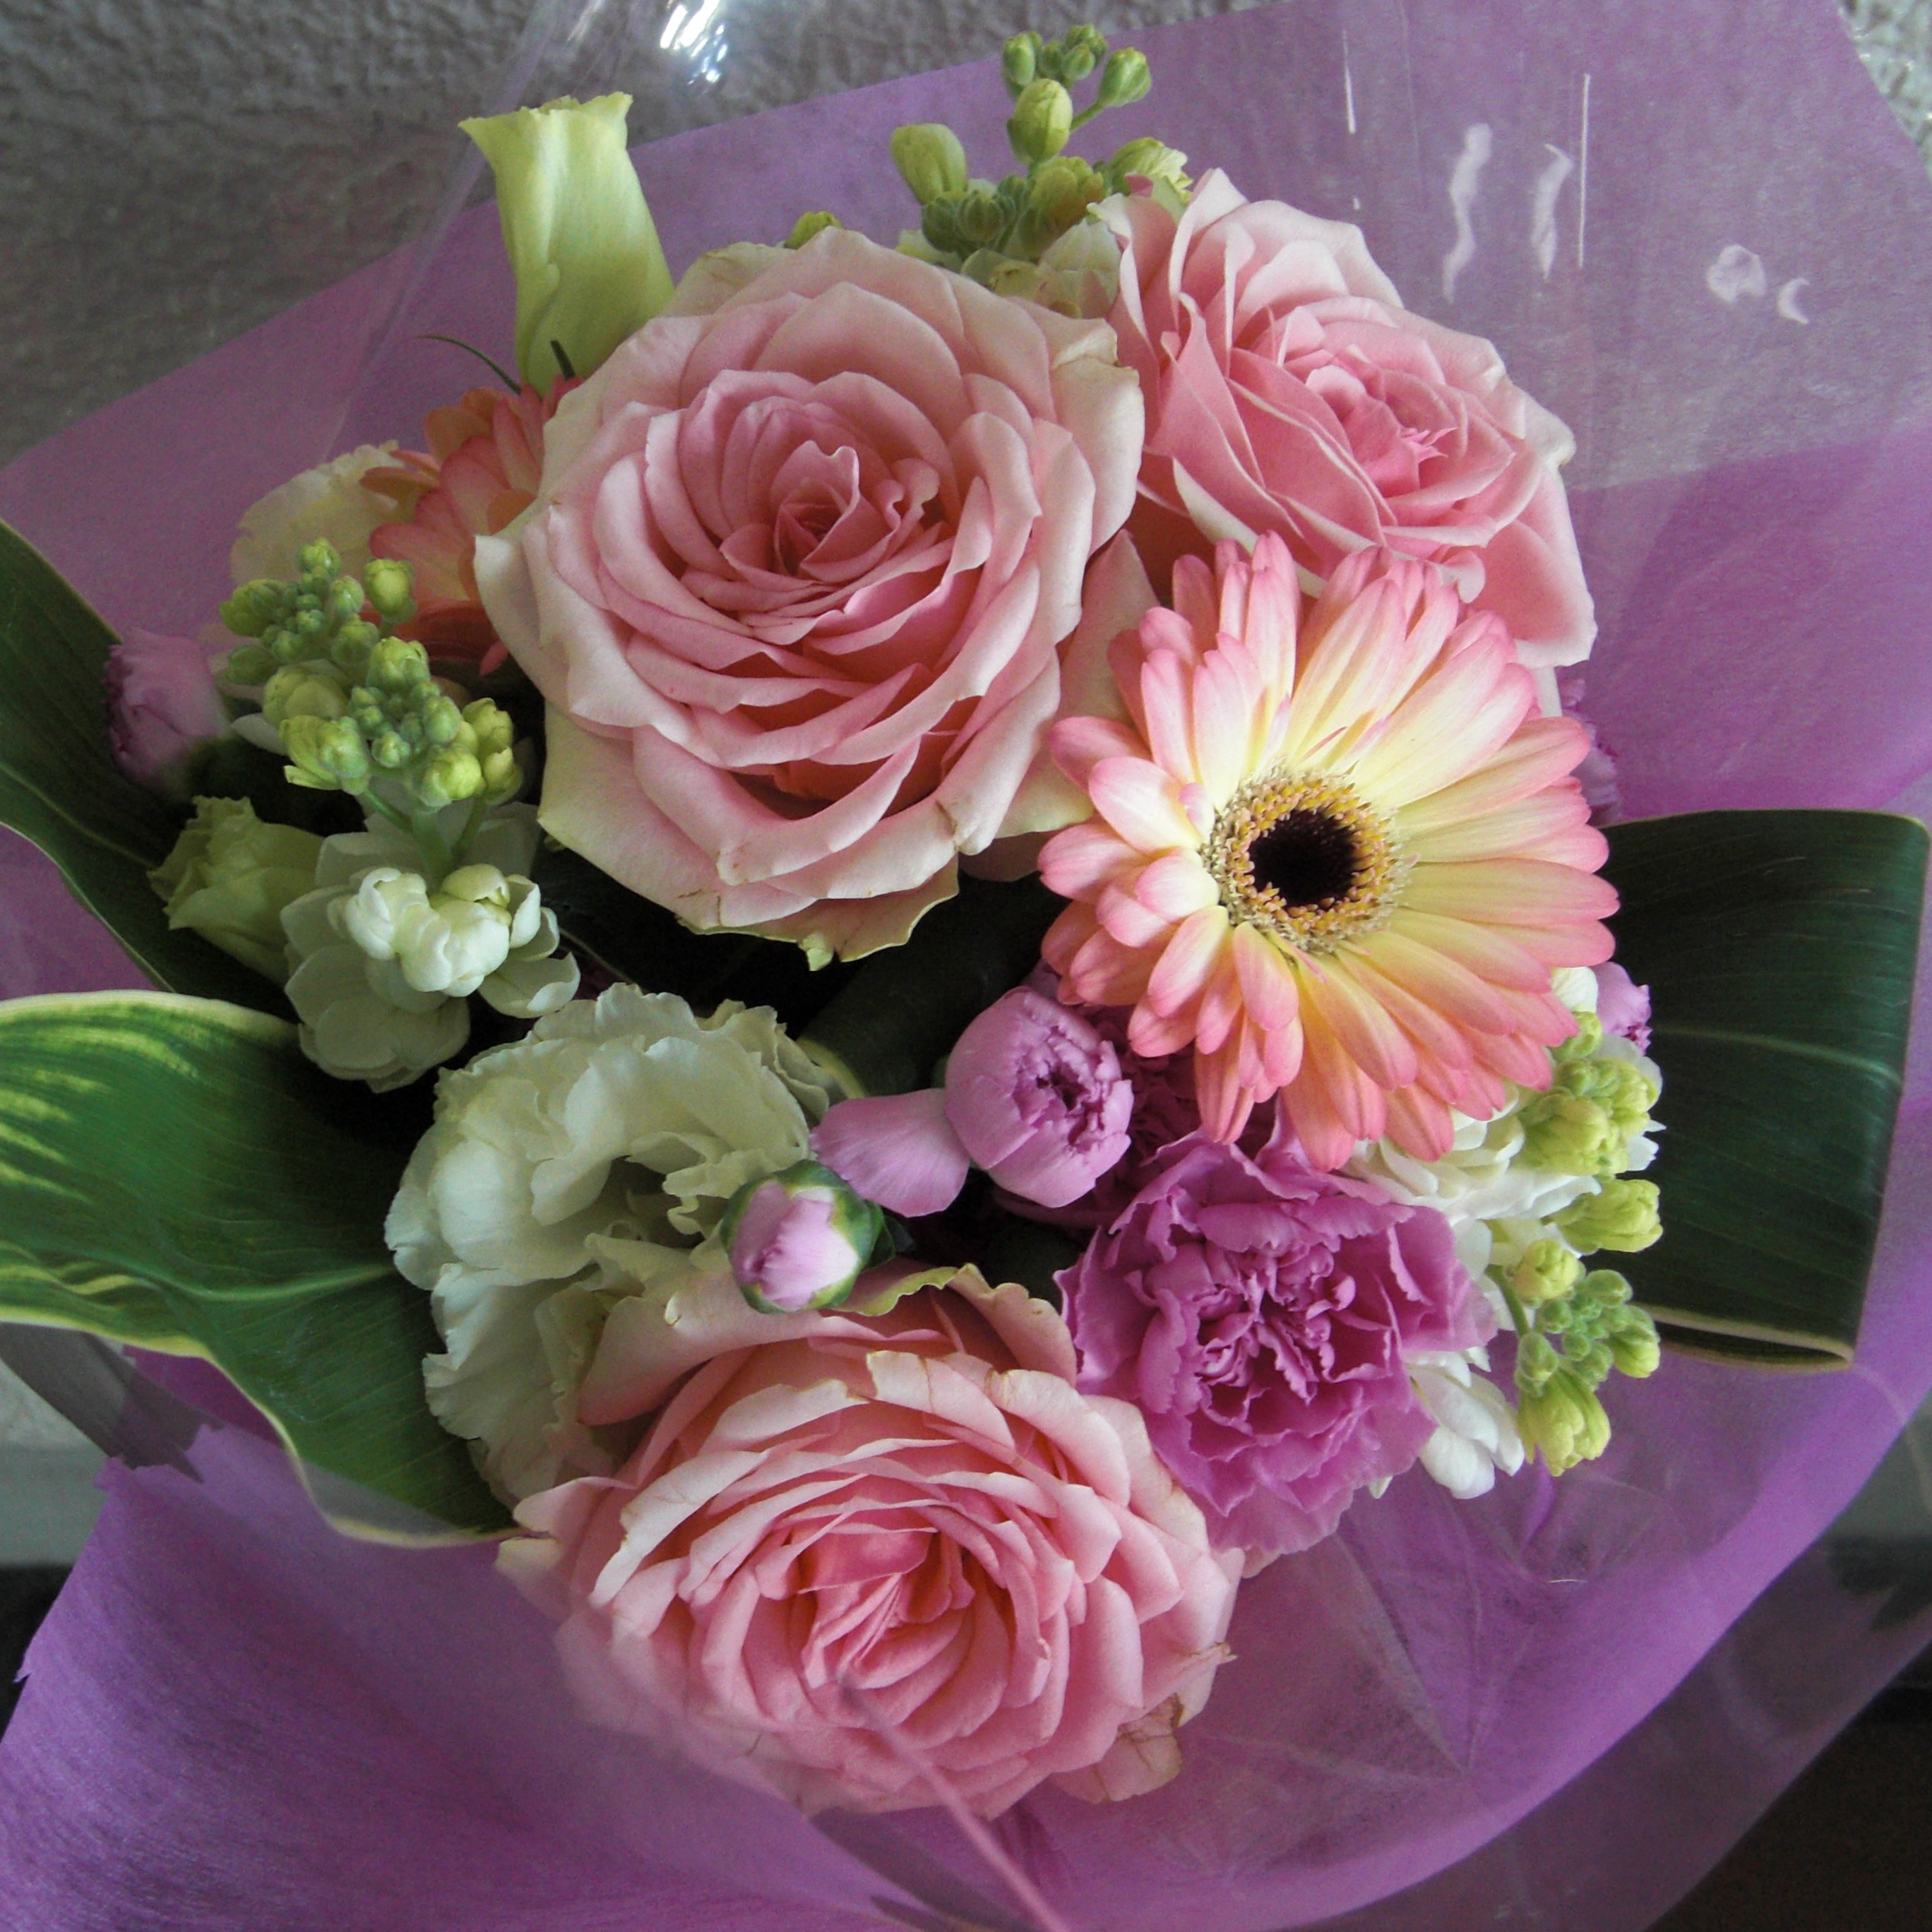 人気のピンクのガーベラとピンクのバラを合わせたブーケ♪